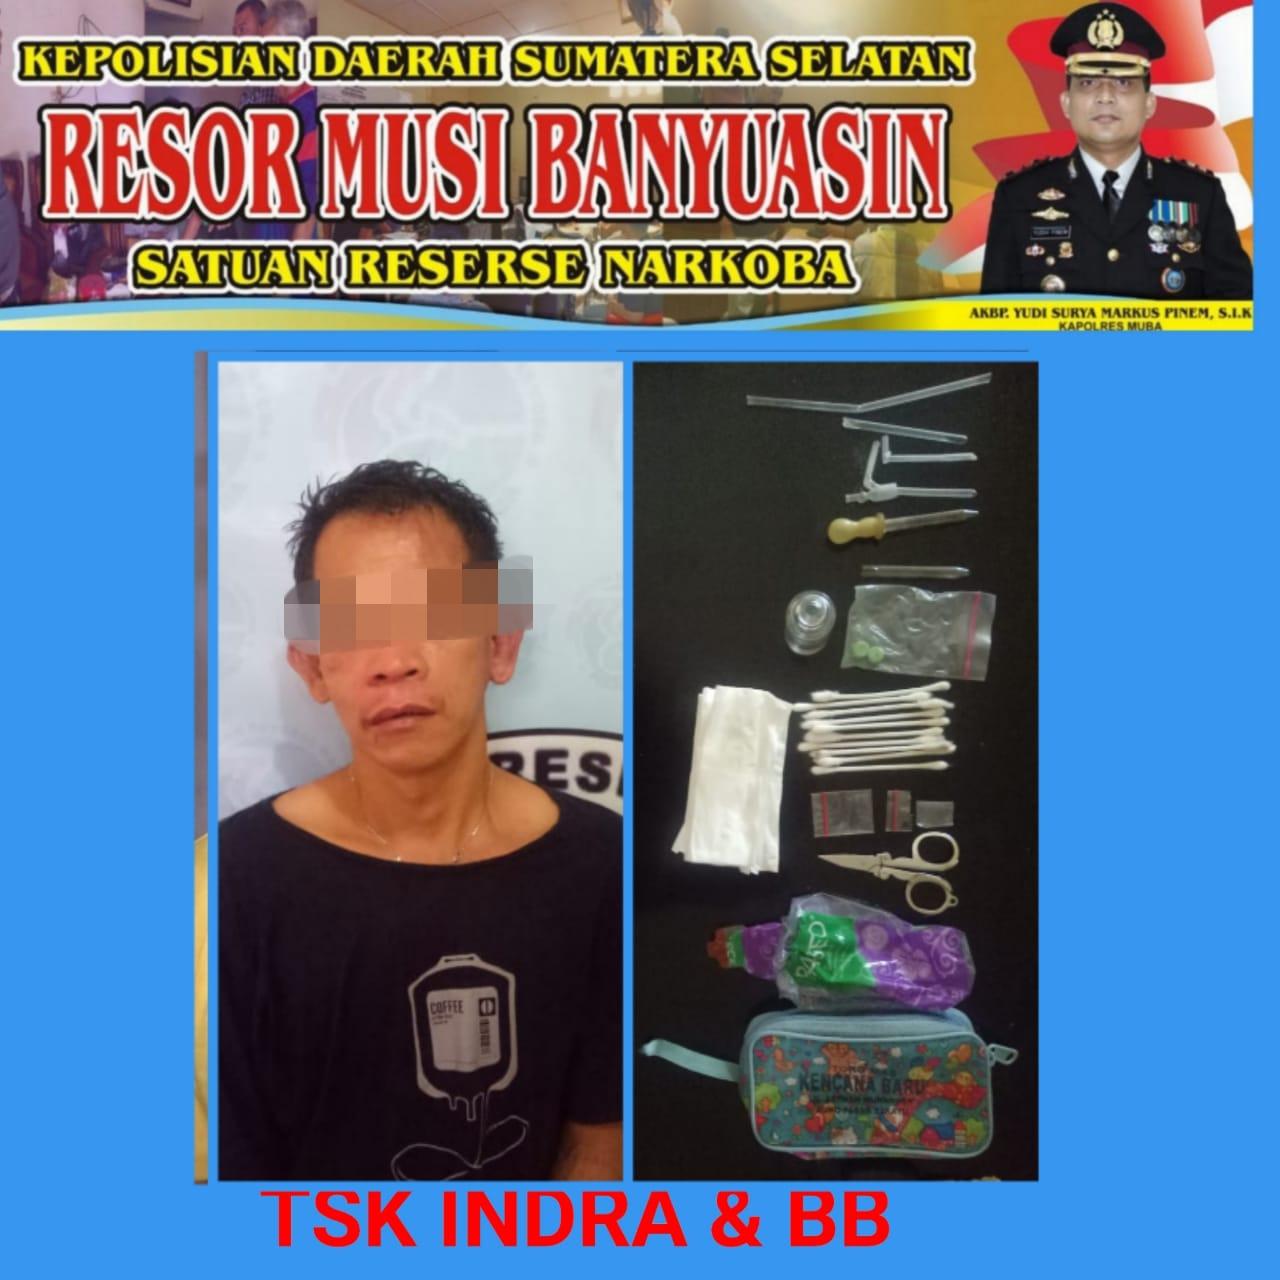 lagi-dan-lagi-pengedar-narkoba-diciduk-polisi-muba186g31574766876.jpg